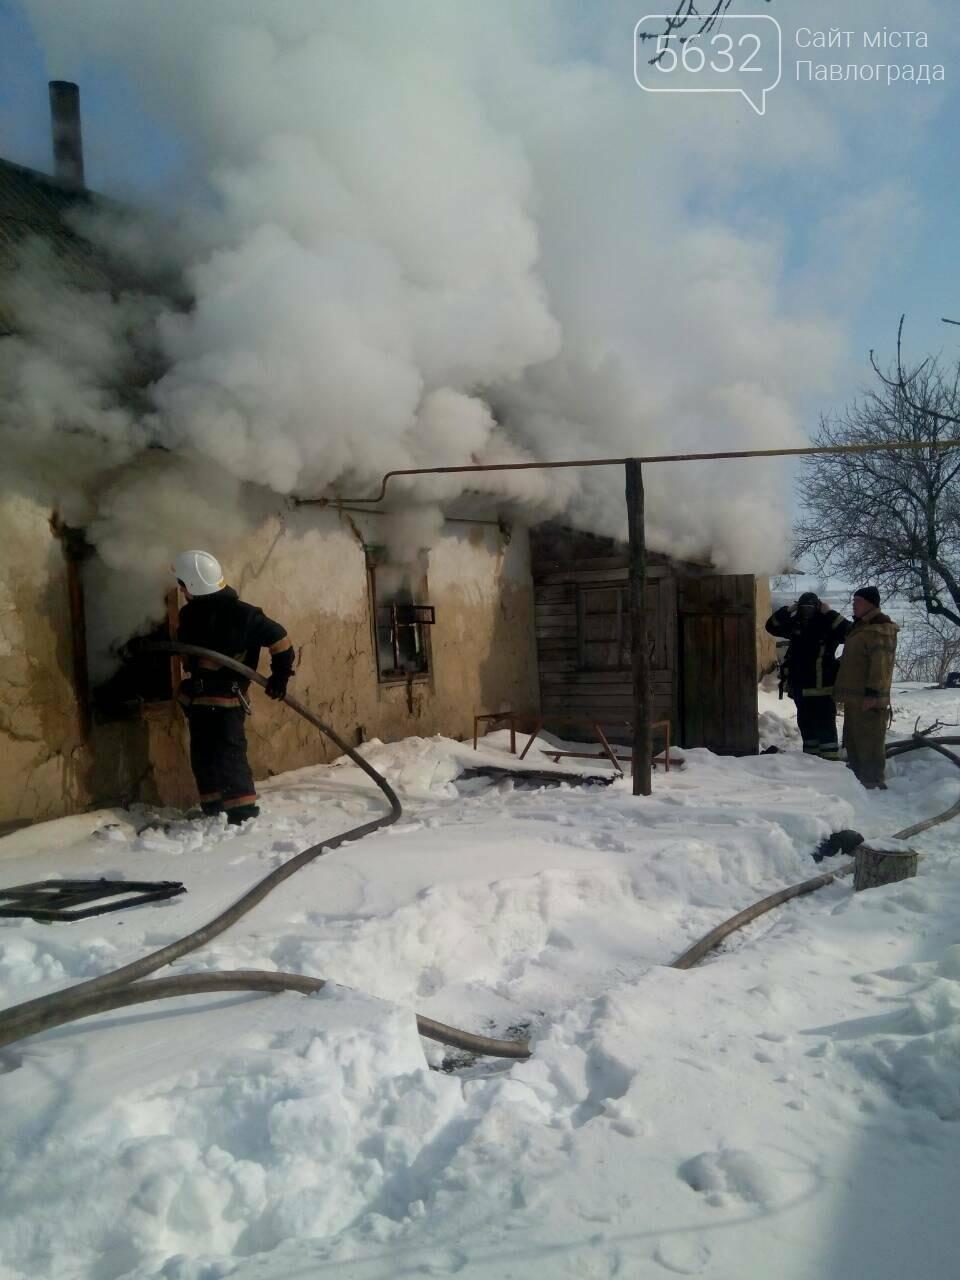 Пожежа на Павлоградщині: 63-річний чоловік згорів у власному будинку, фото-1